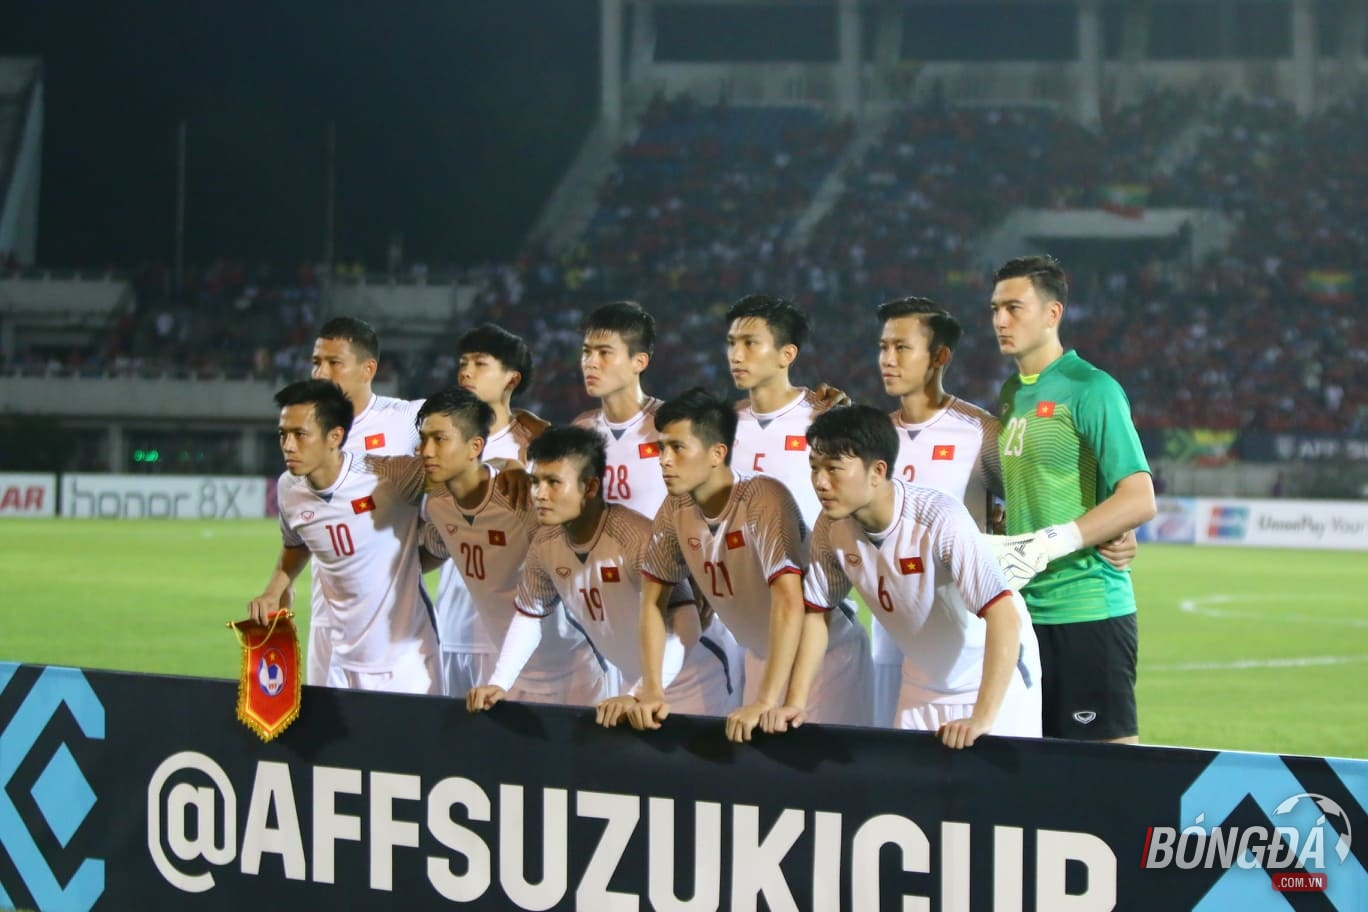 TRỰC TIẾP ĐT Myanmar 0-0 ĐT Việt Nam: Hiệp 1 bắt đầu - Bóng Đá